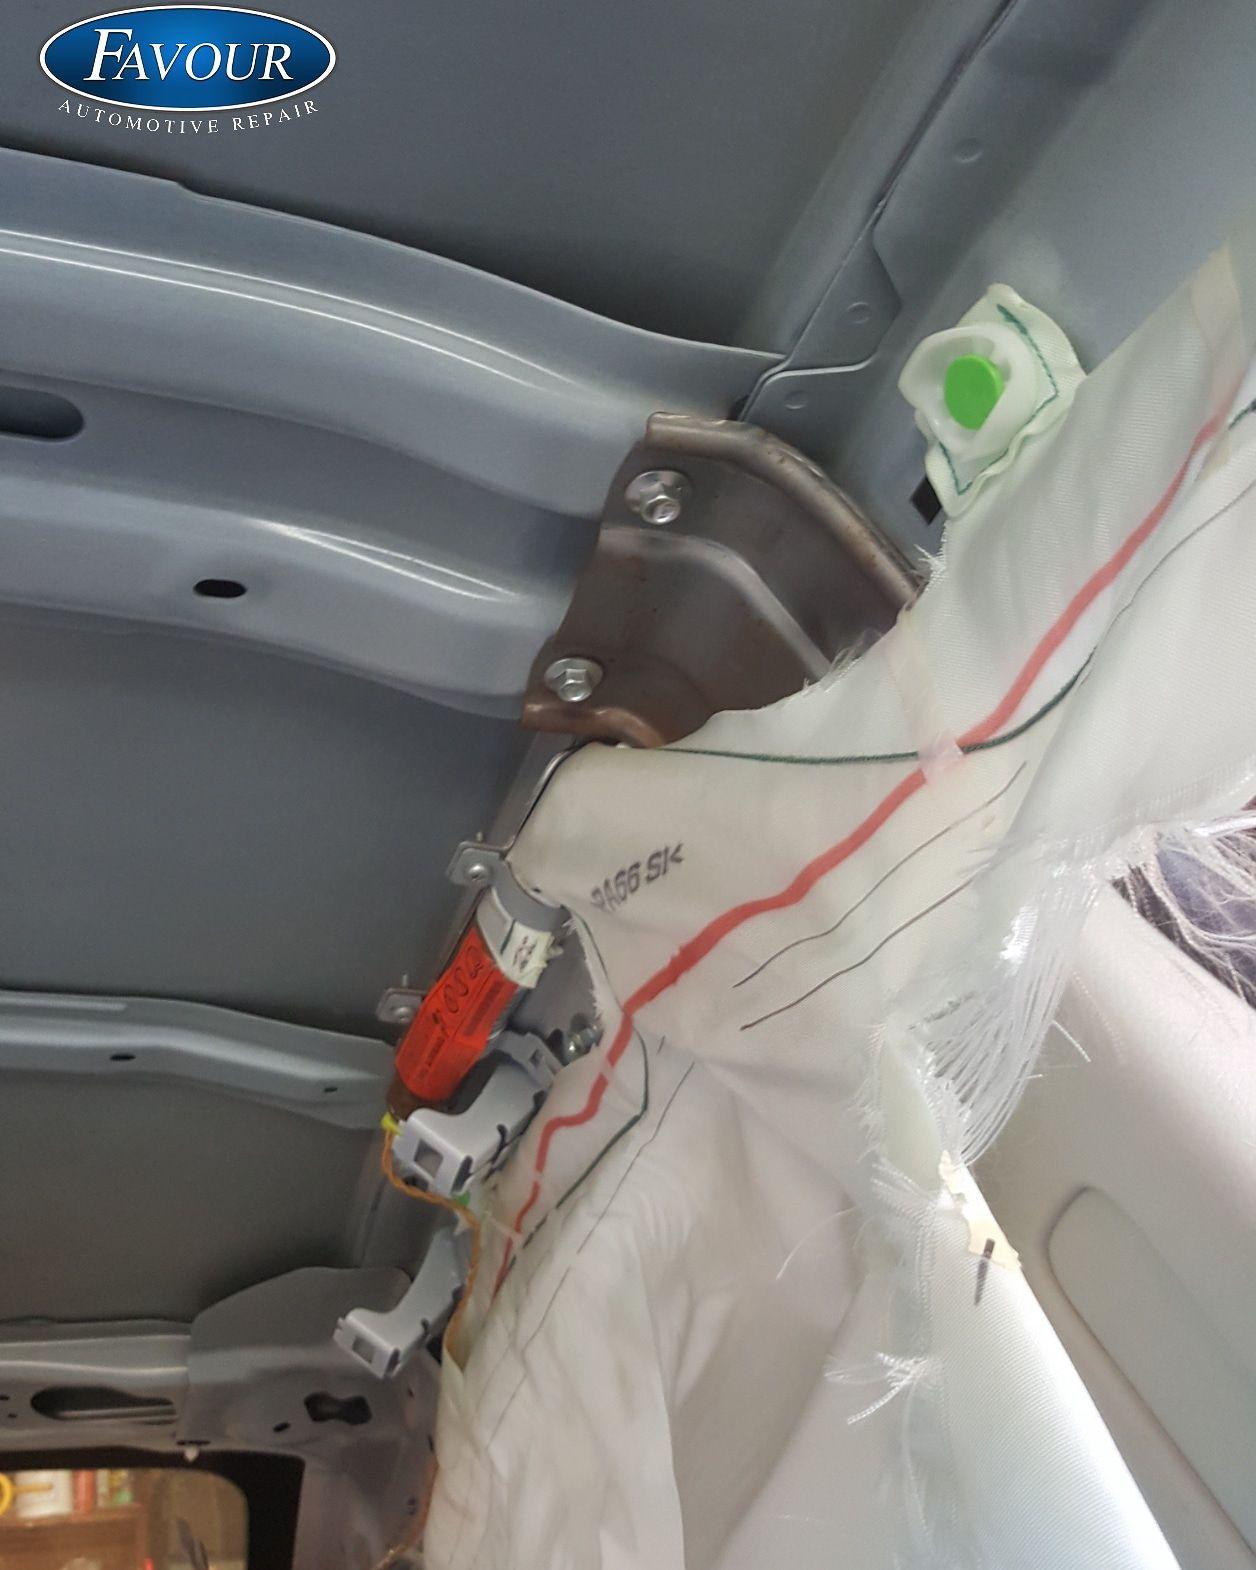 2010 Mazda 3 Airbag Replacing Mazda 3 Mazda Repair